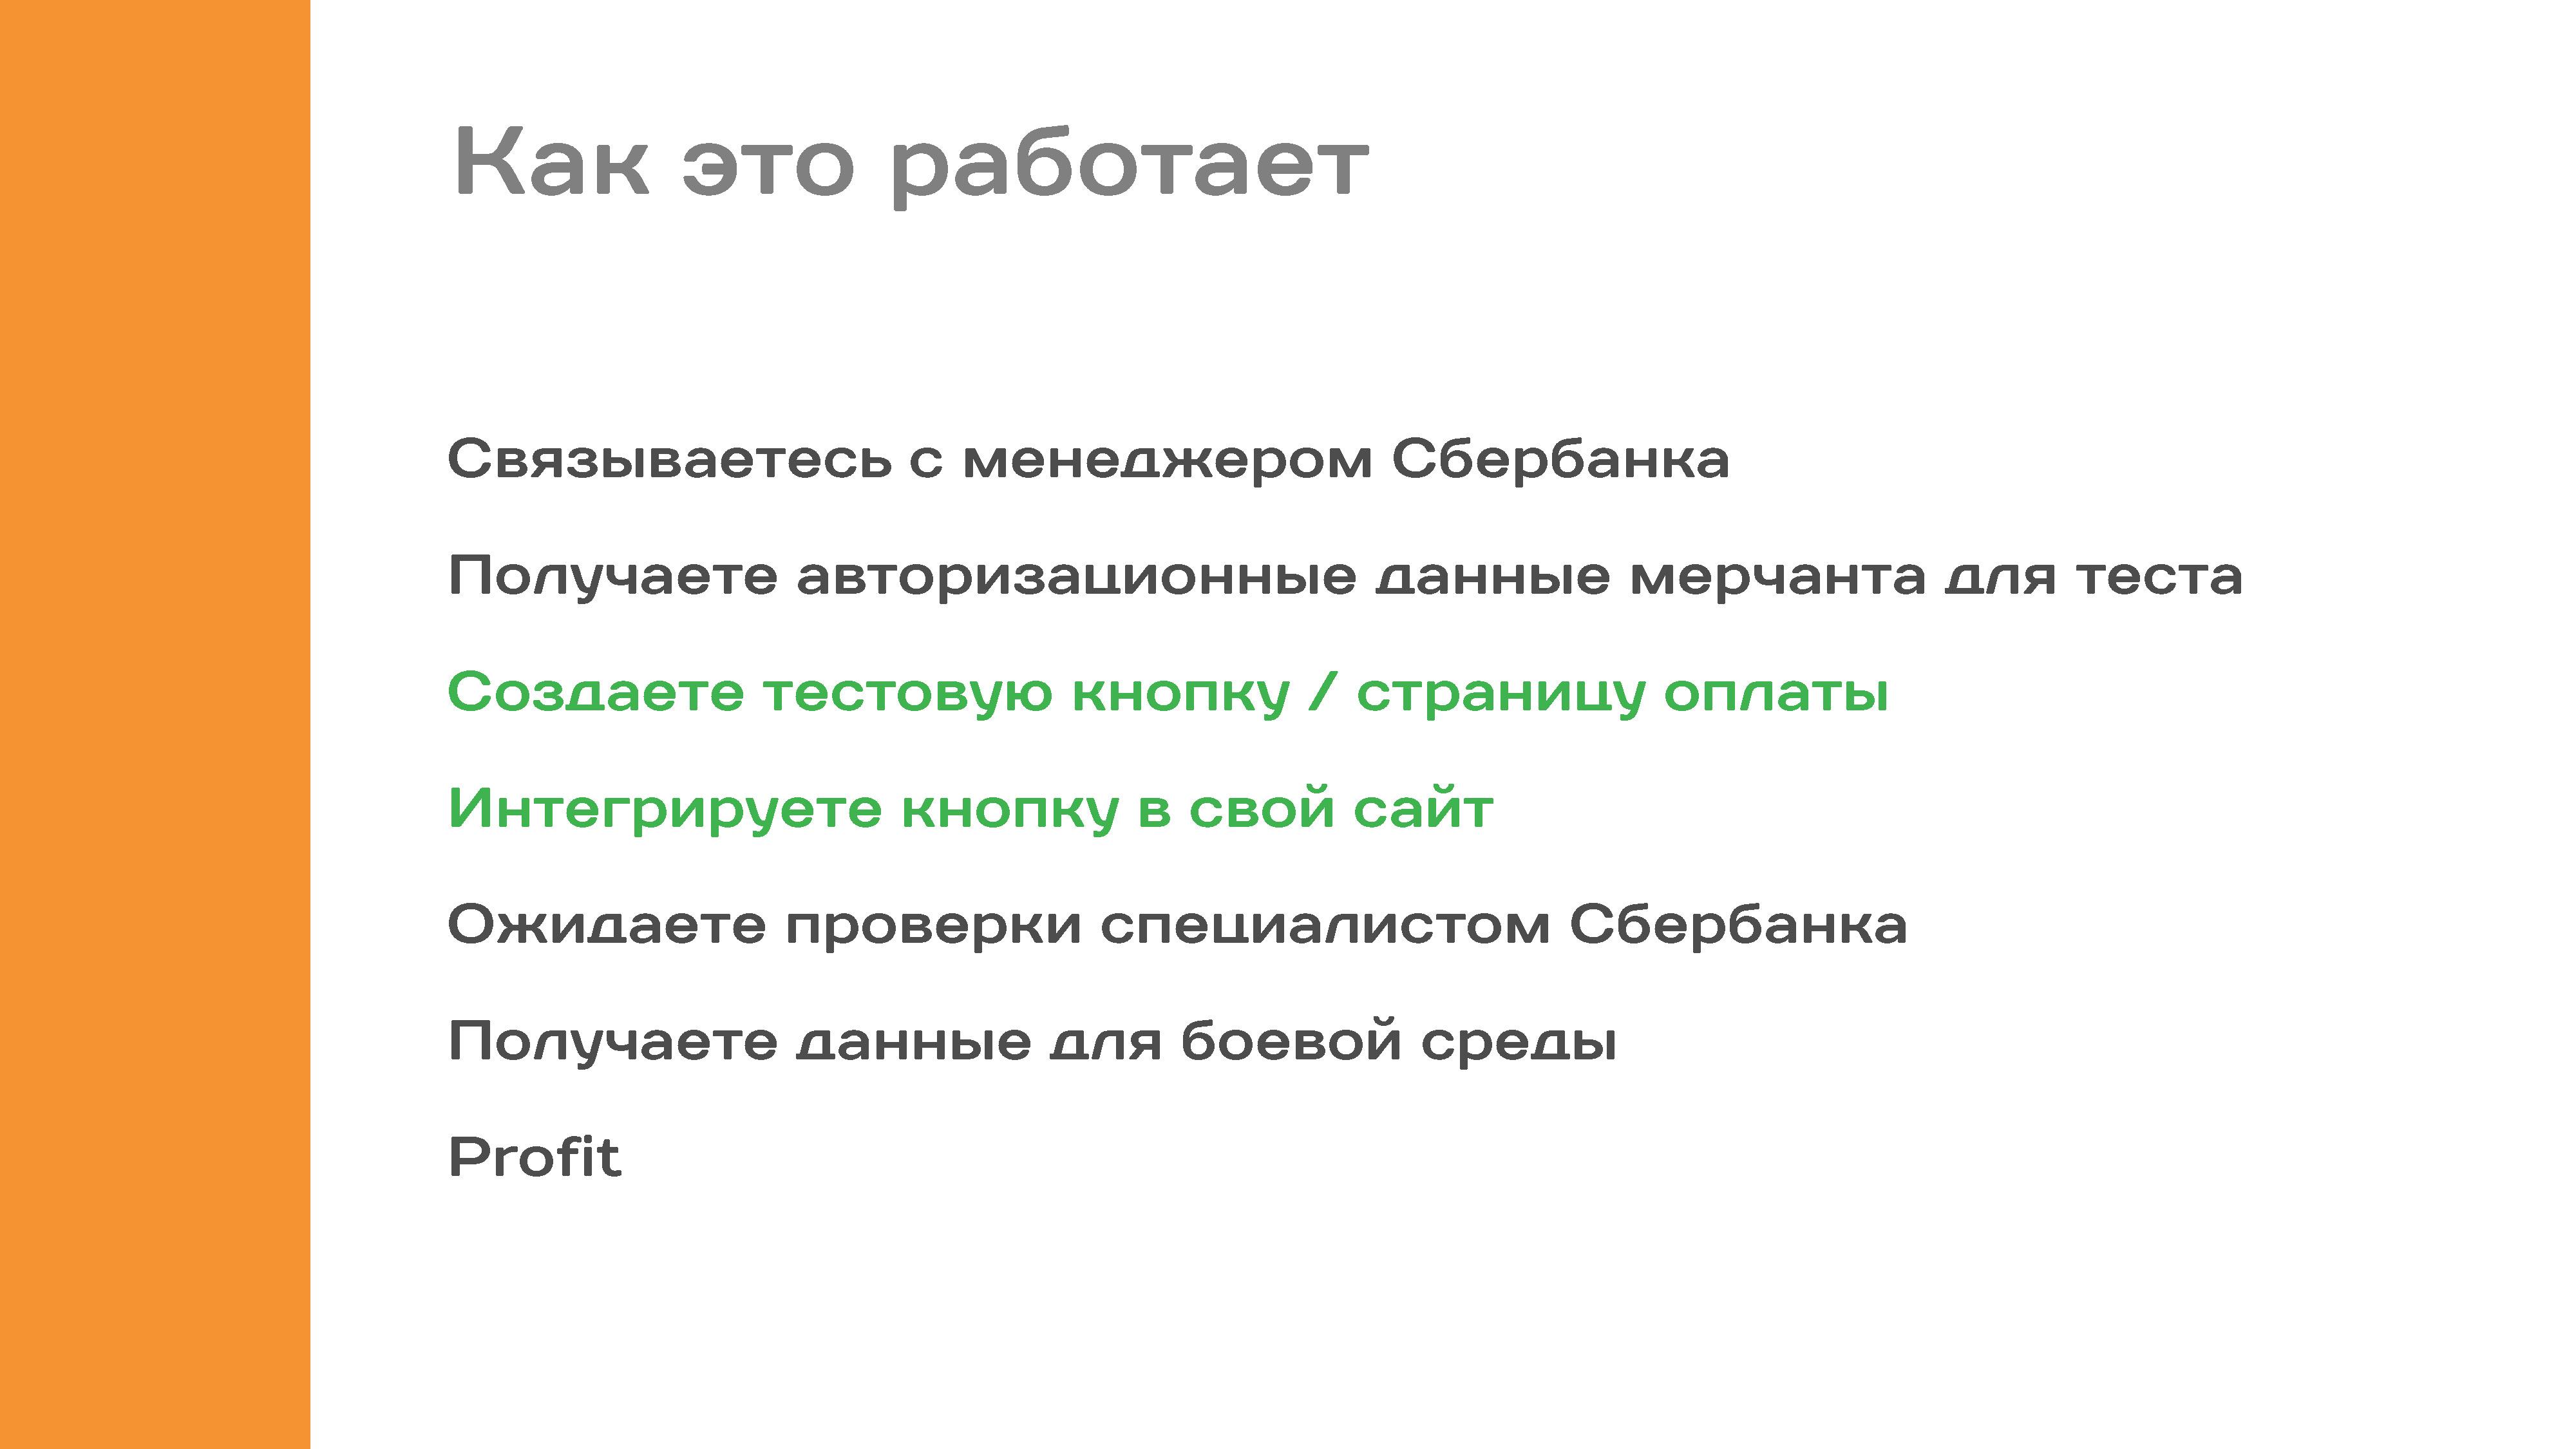 Nikolay_Mironov_-_Integratsia_platezhnoy_sistemy_odnoy_knopkoy_Страница_07